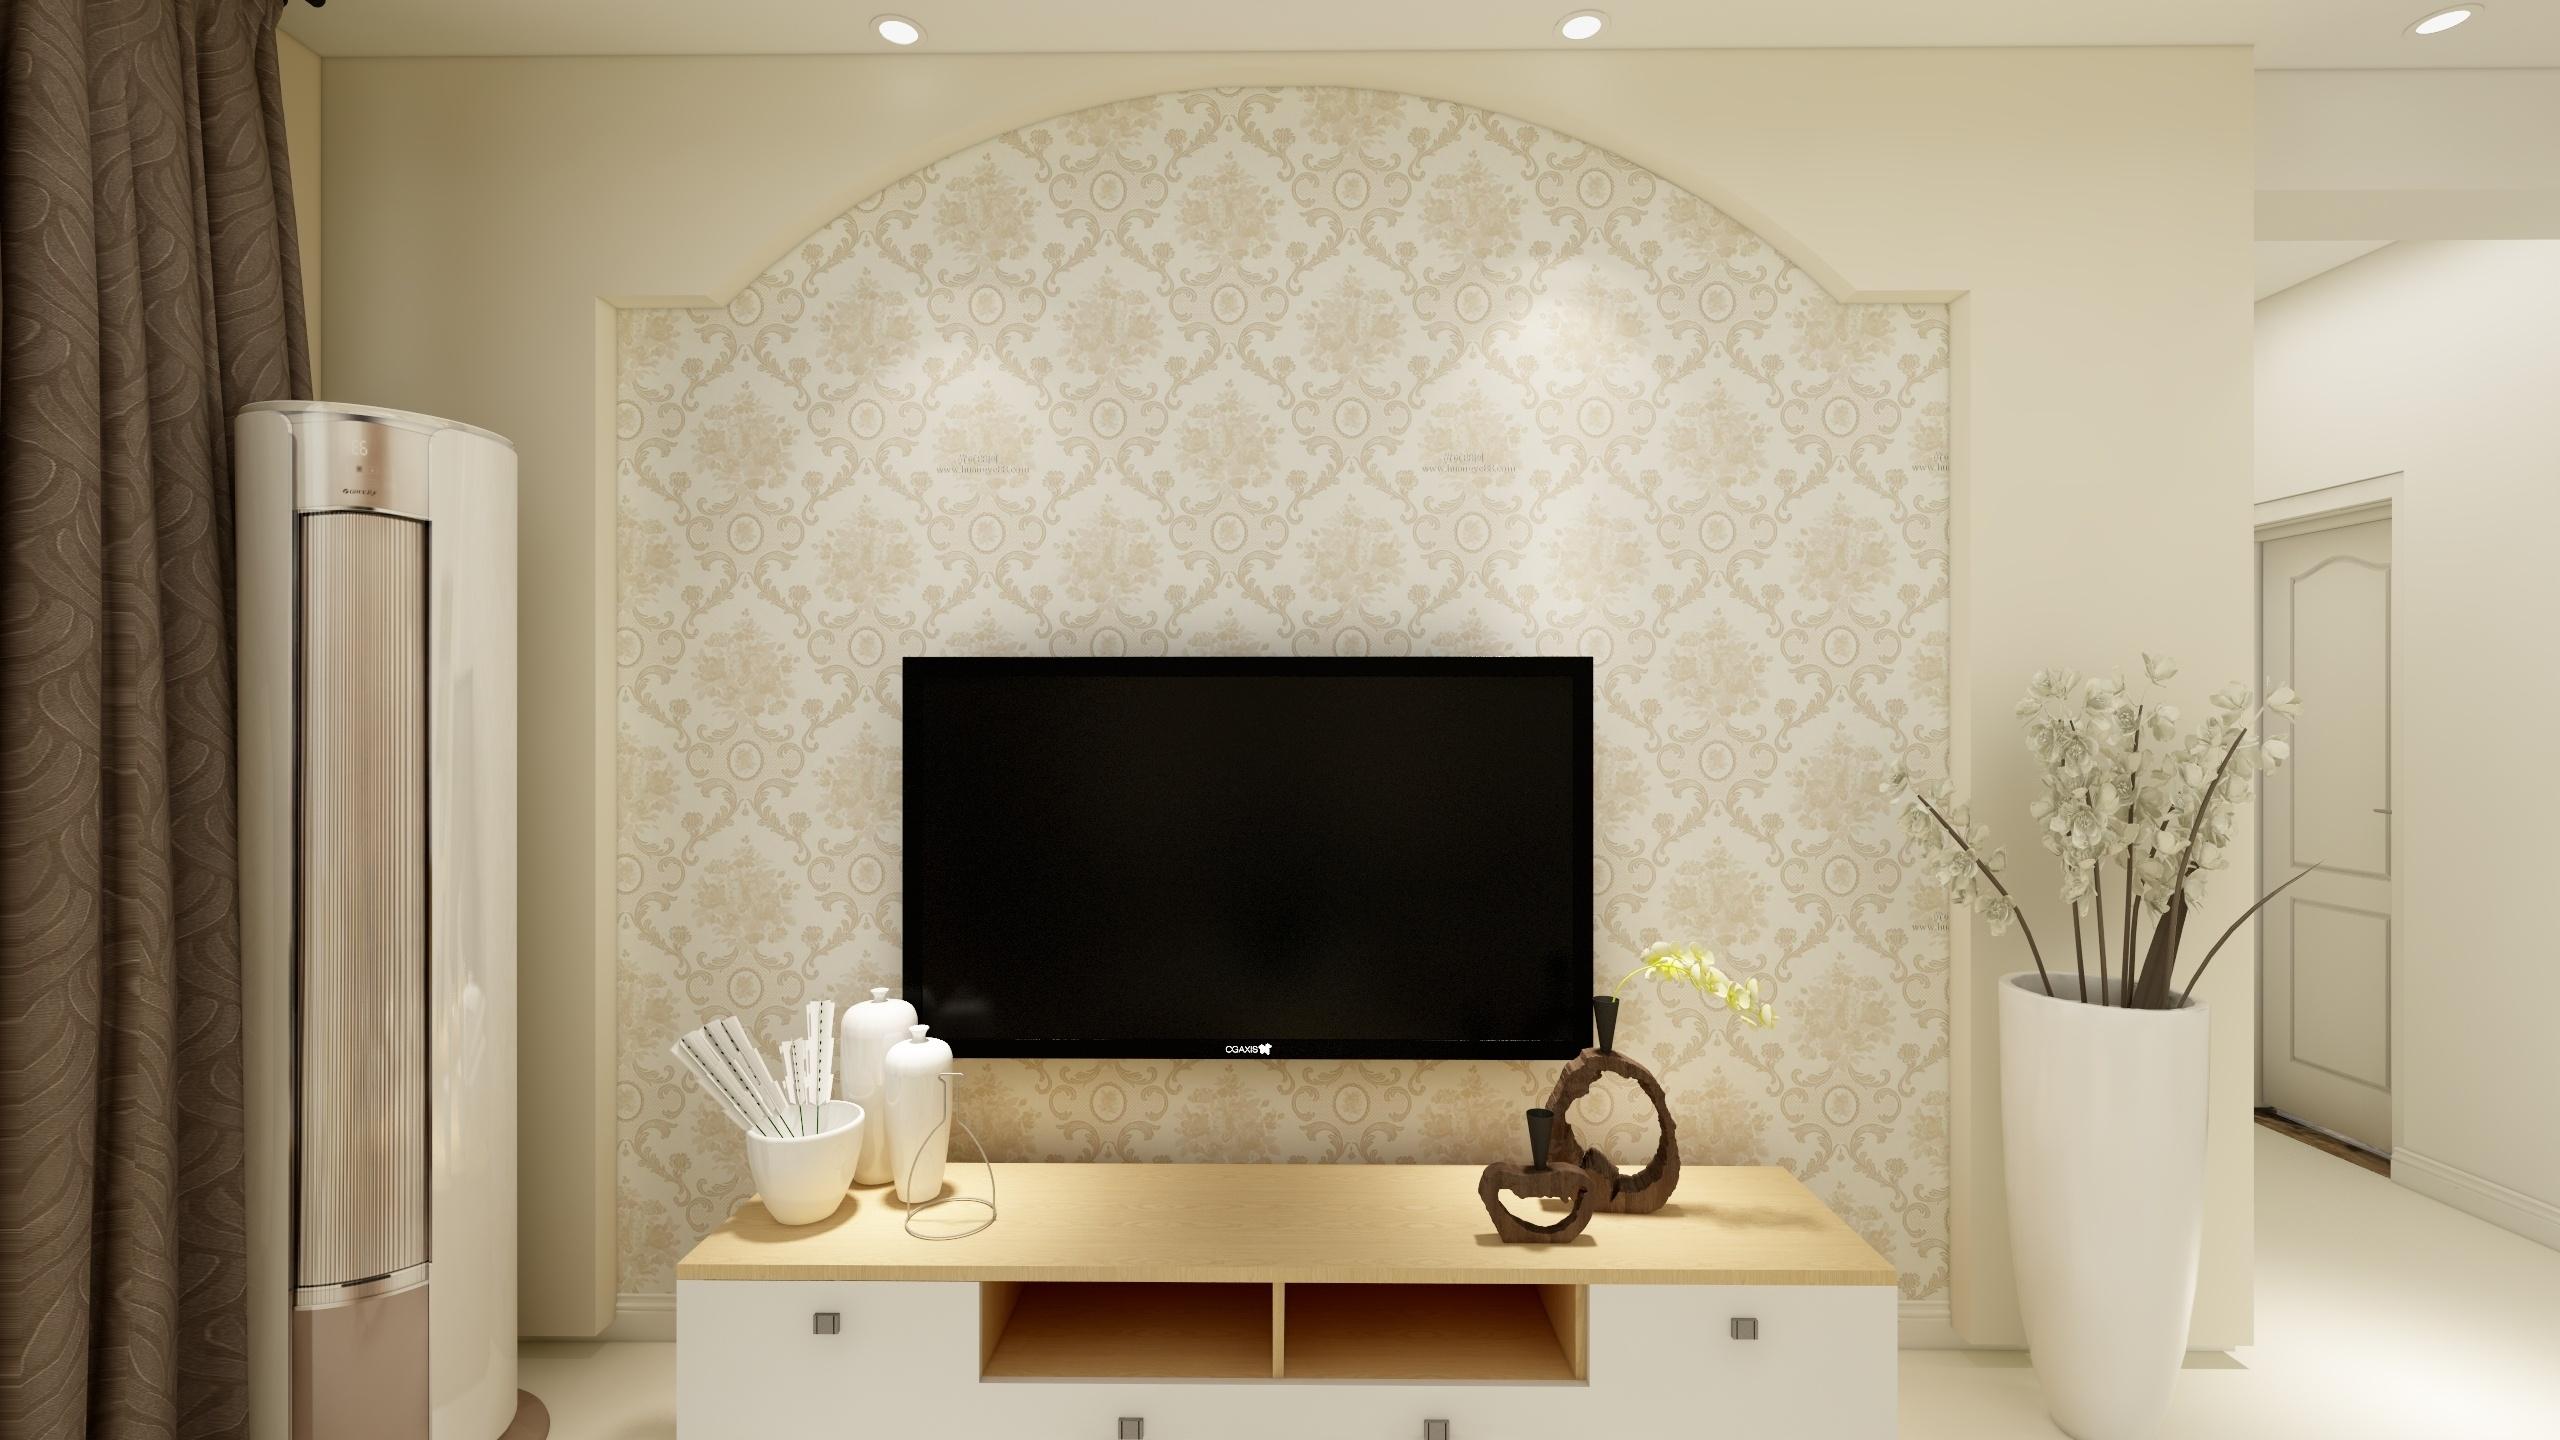 温馨简约电视背景墙装修效果图